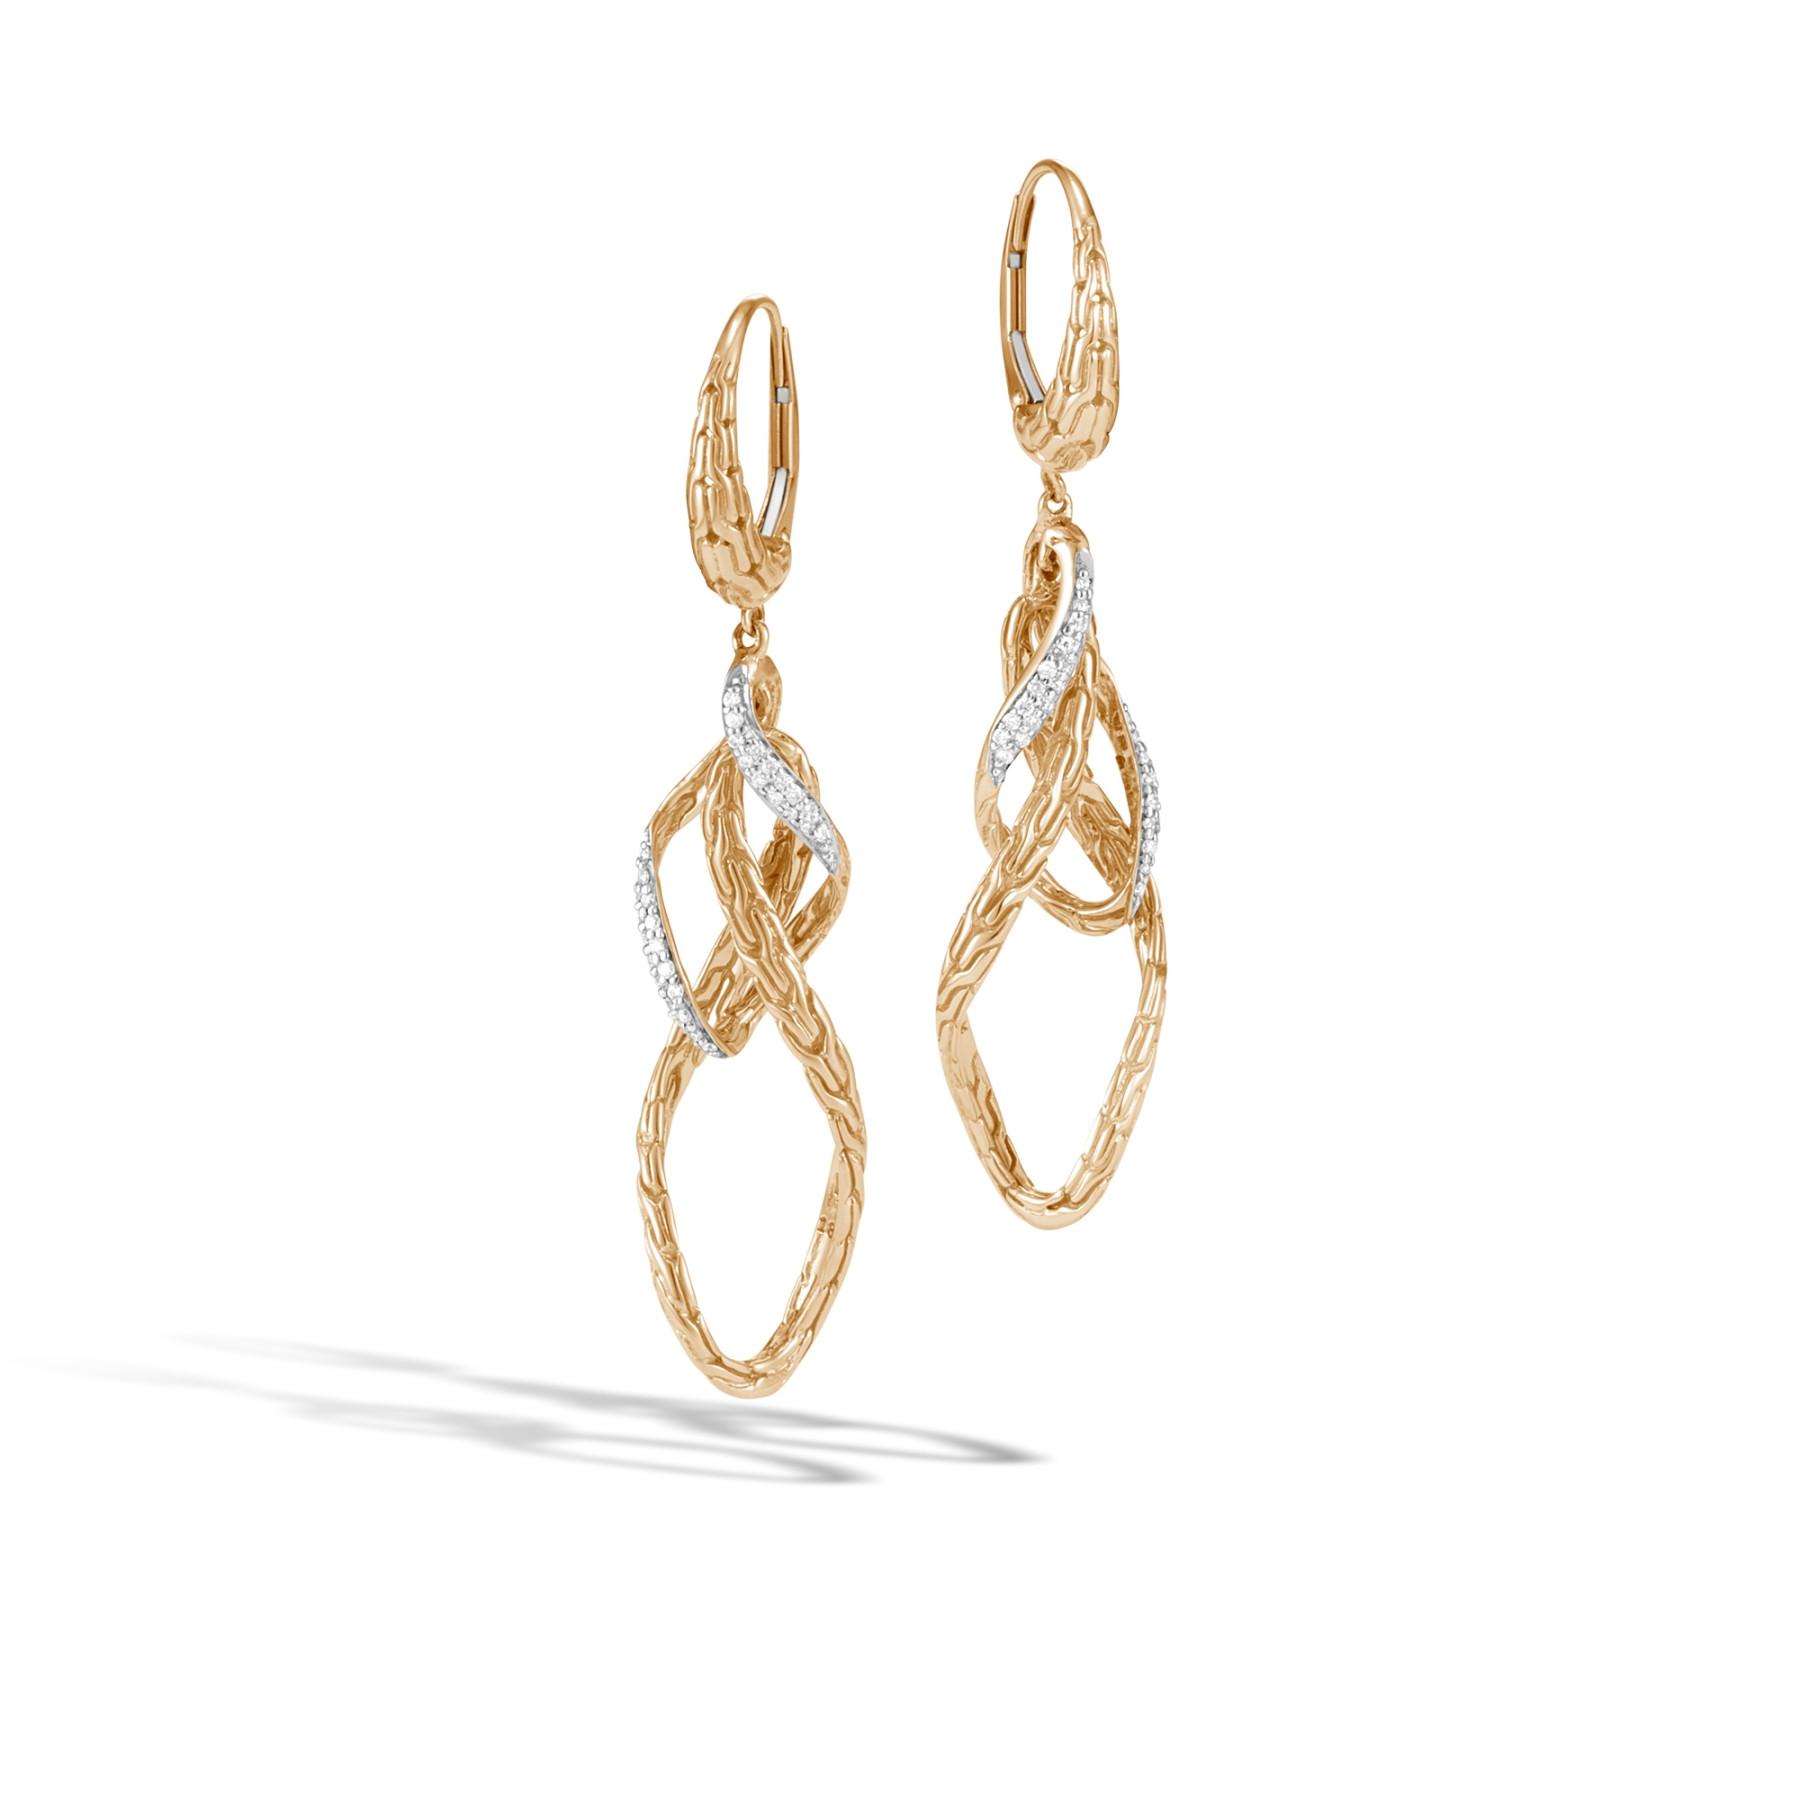 John Hardy Classic Chain Diamond Stud Earrings in Yellow Gold